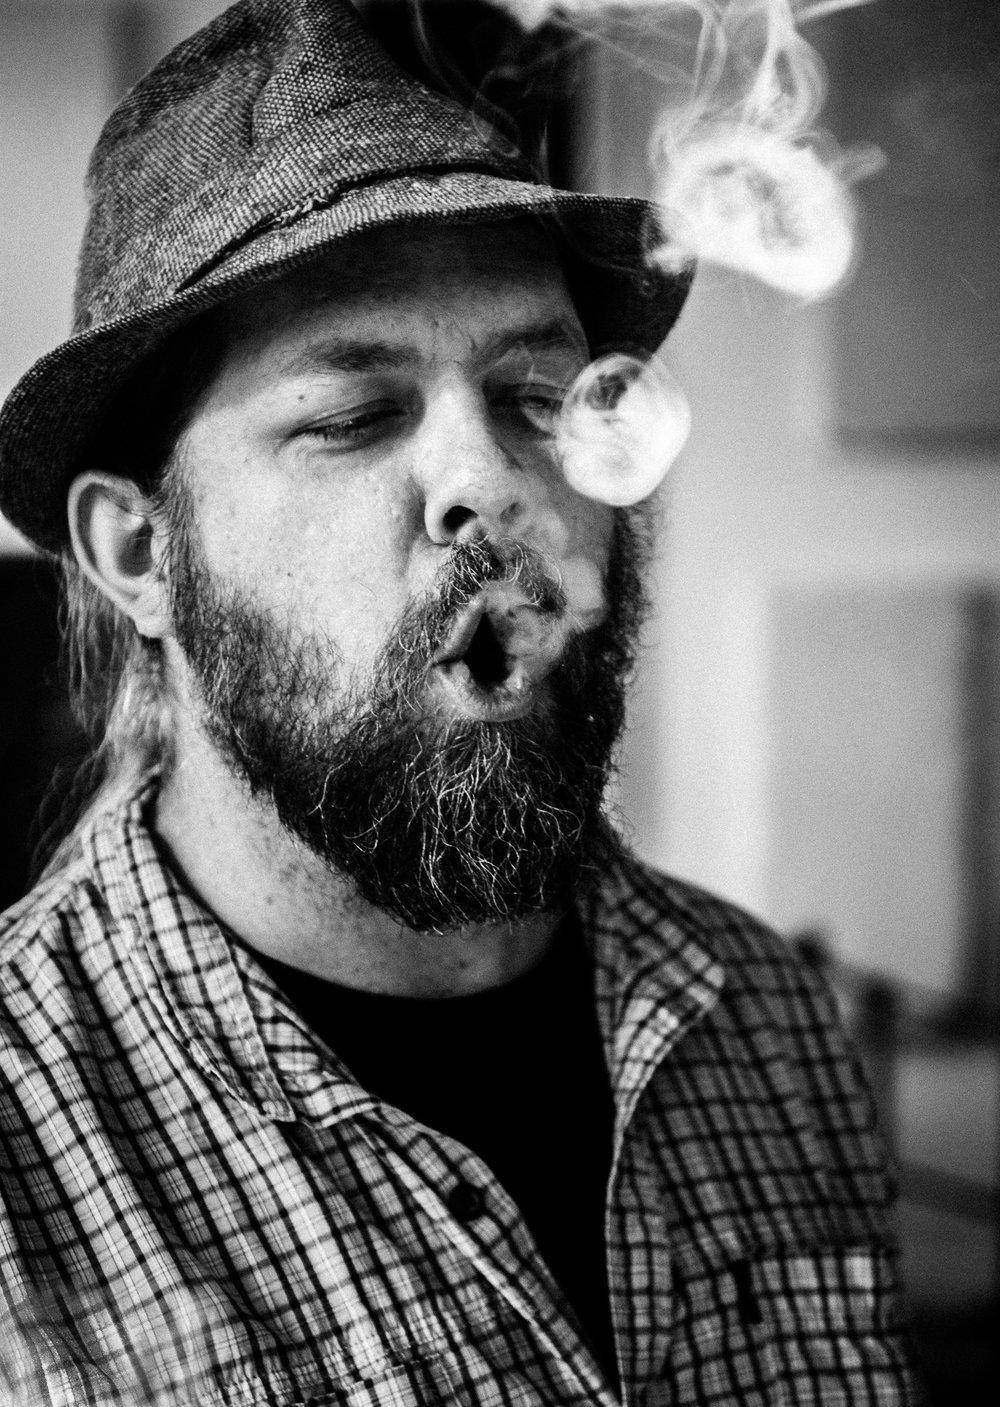 Spiff_SmokeRings-7161.jpg